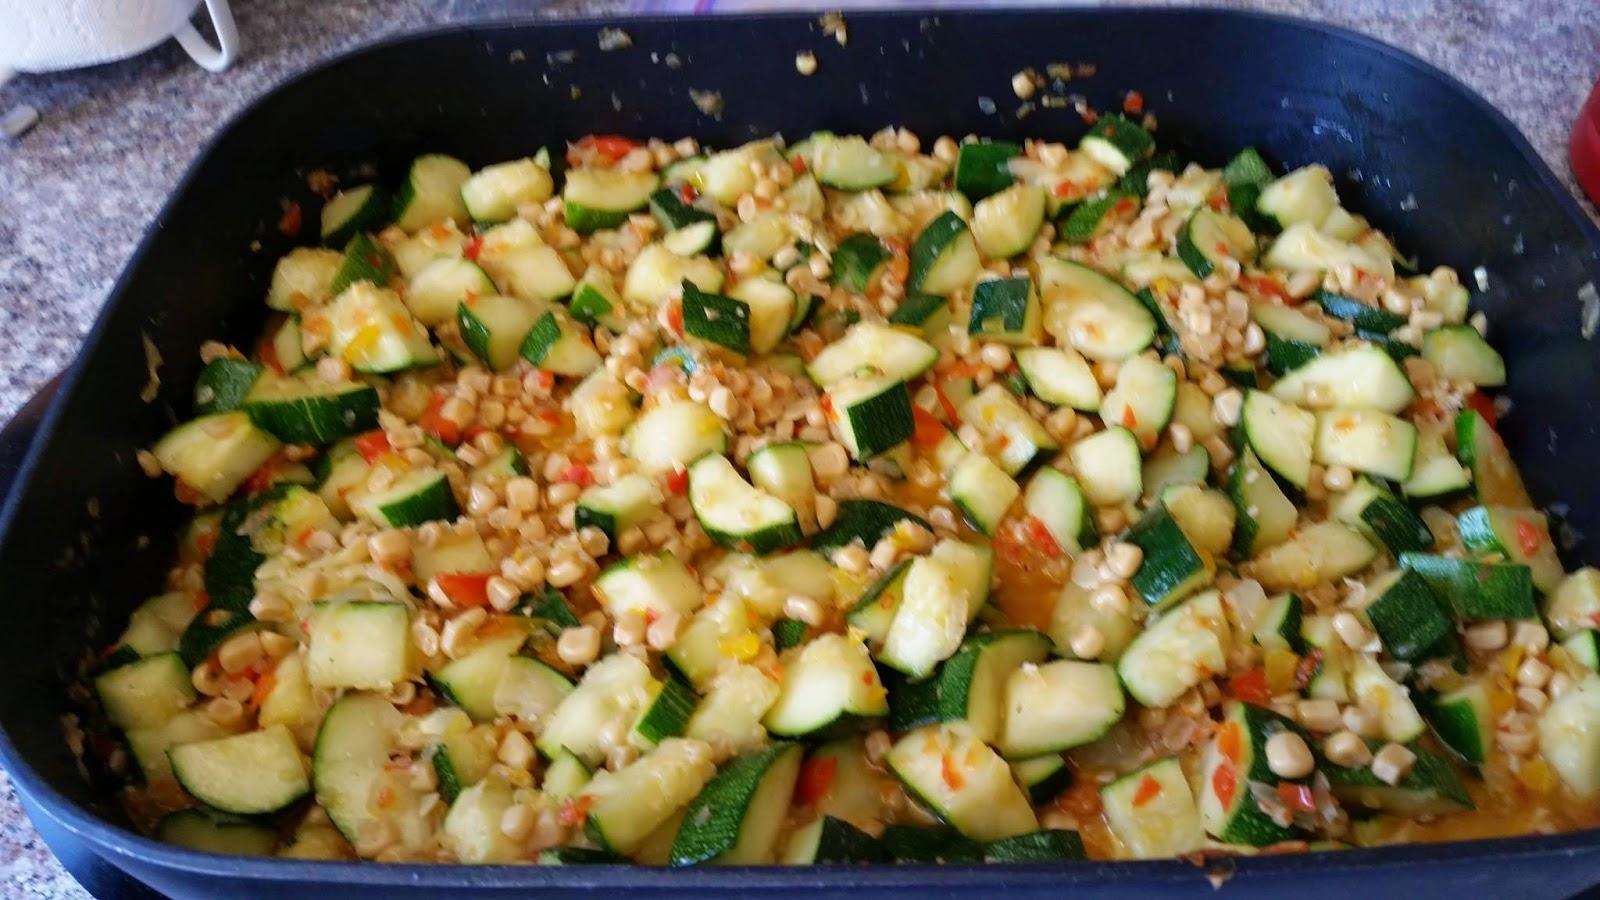 Michelle's Little Piece Of Heaven: Zucchini and Corn Saute